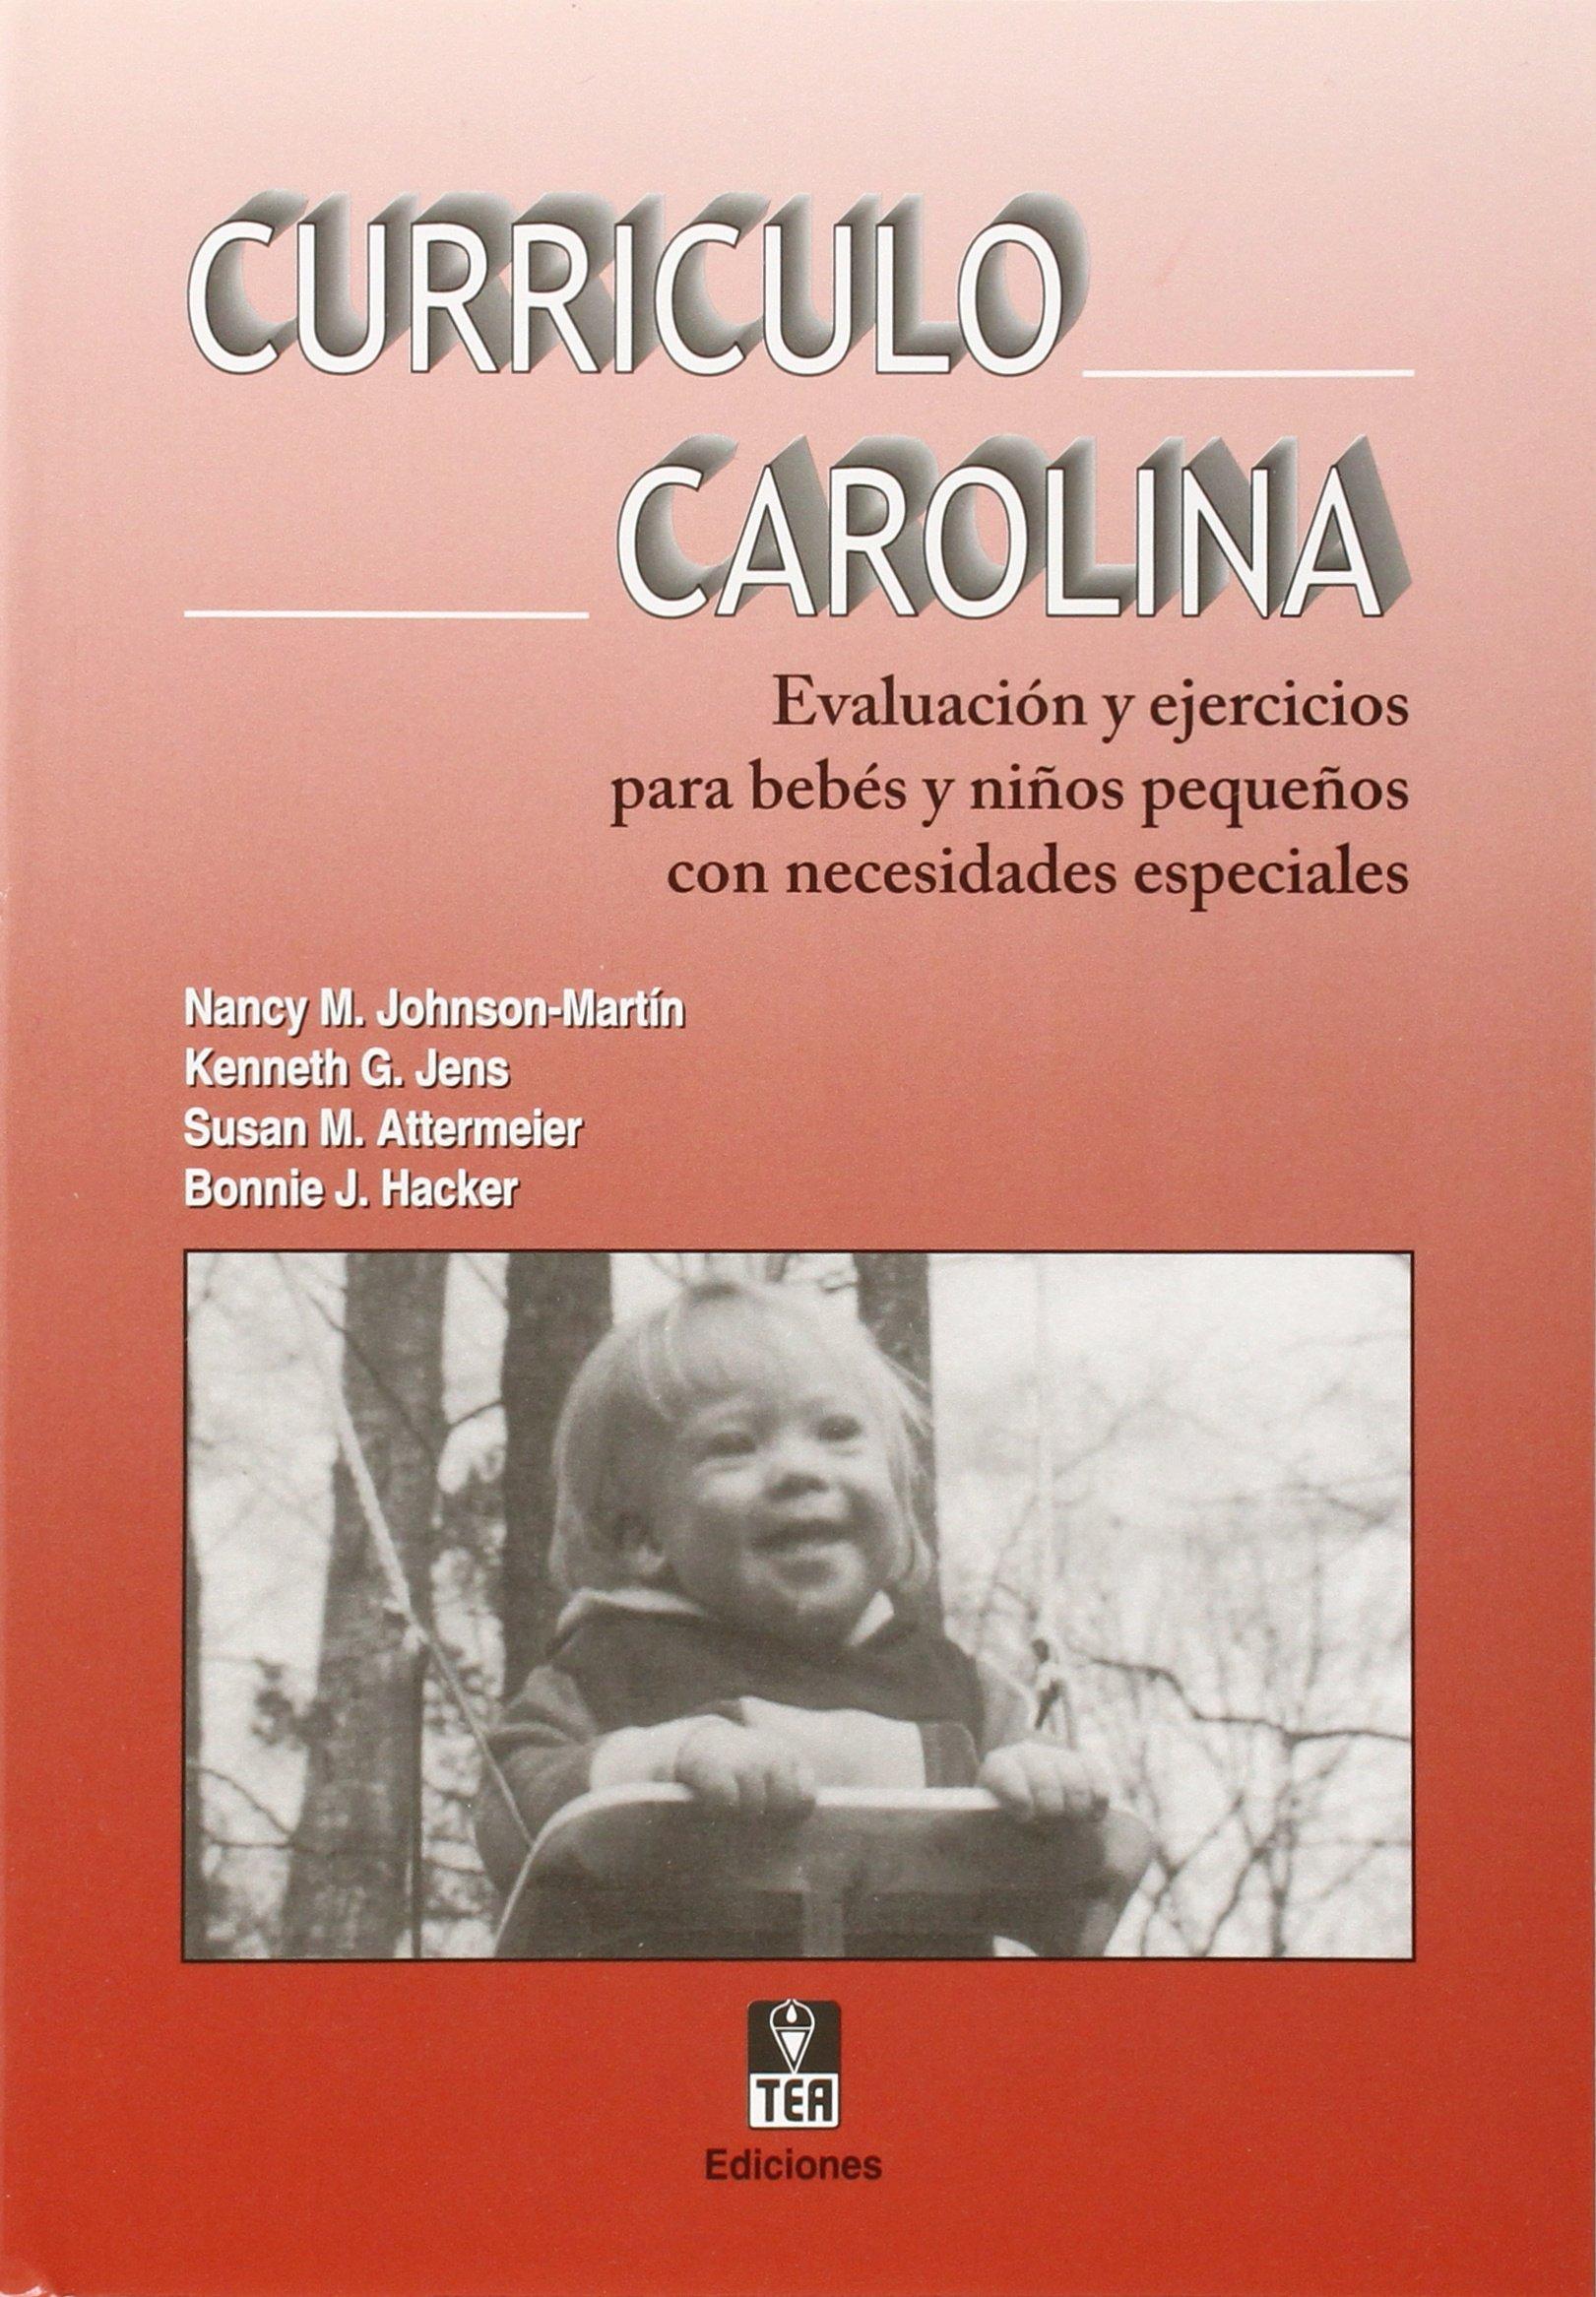 Currículo Carolina: Evaluación y ejercicios para bebés y niños ...